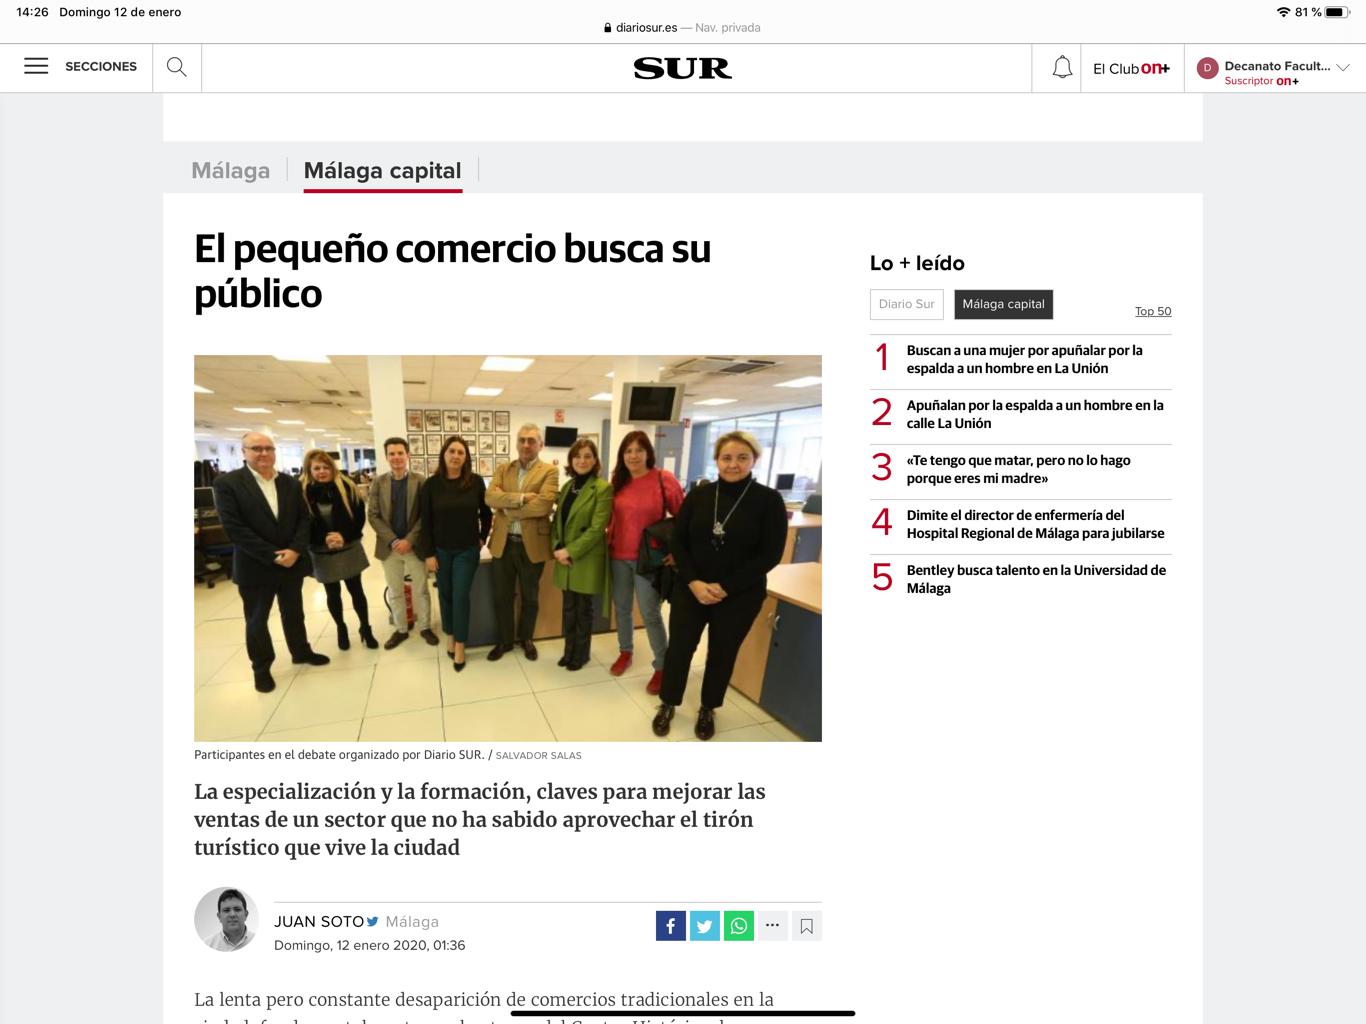 El Director del Máster participa en el foro del Diario Sur para analizar la situación del pequeño comercio en la ciudad de Málaga